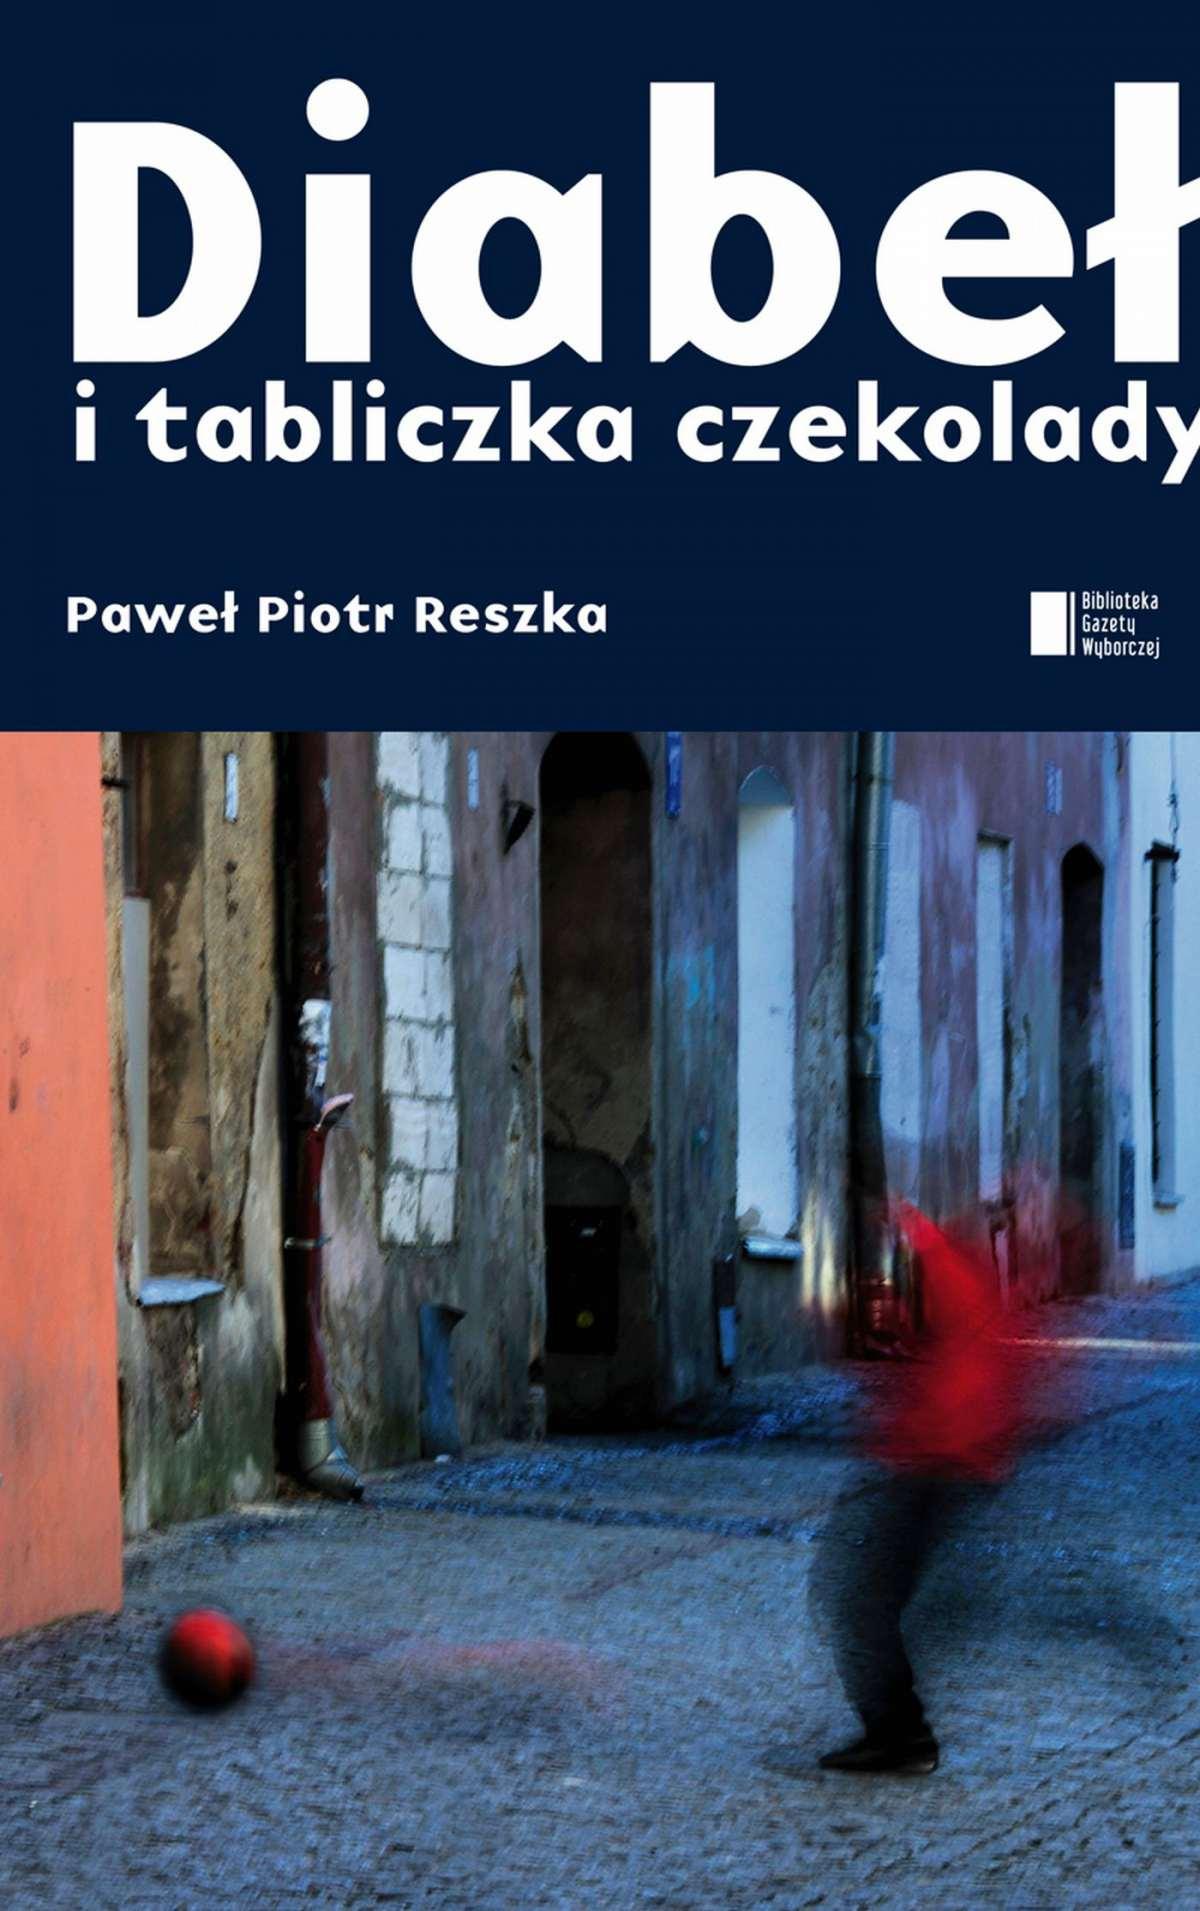 Diabeł i tabliczka czekolady - Ebook (Książka na Kindle) do pobrania w formacie MOBI